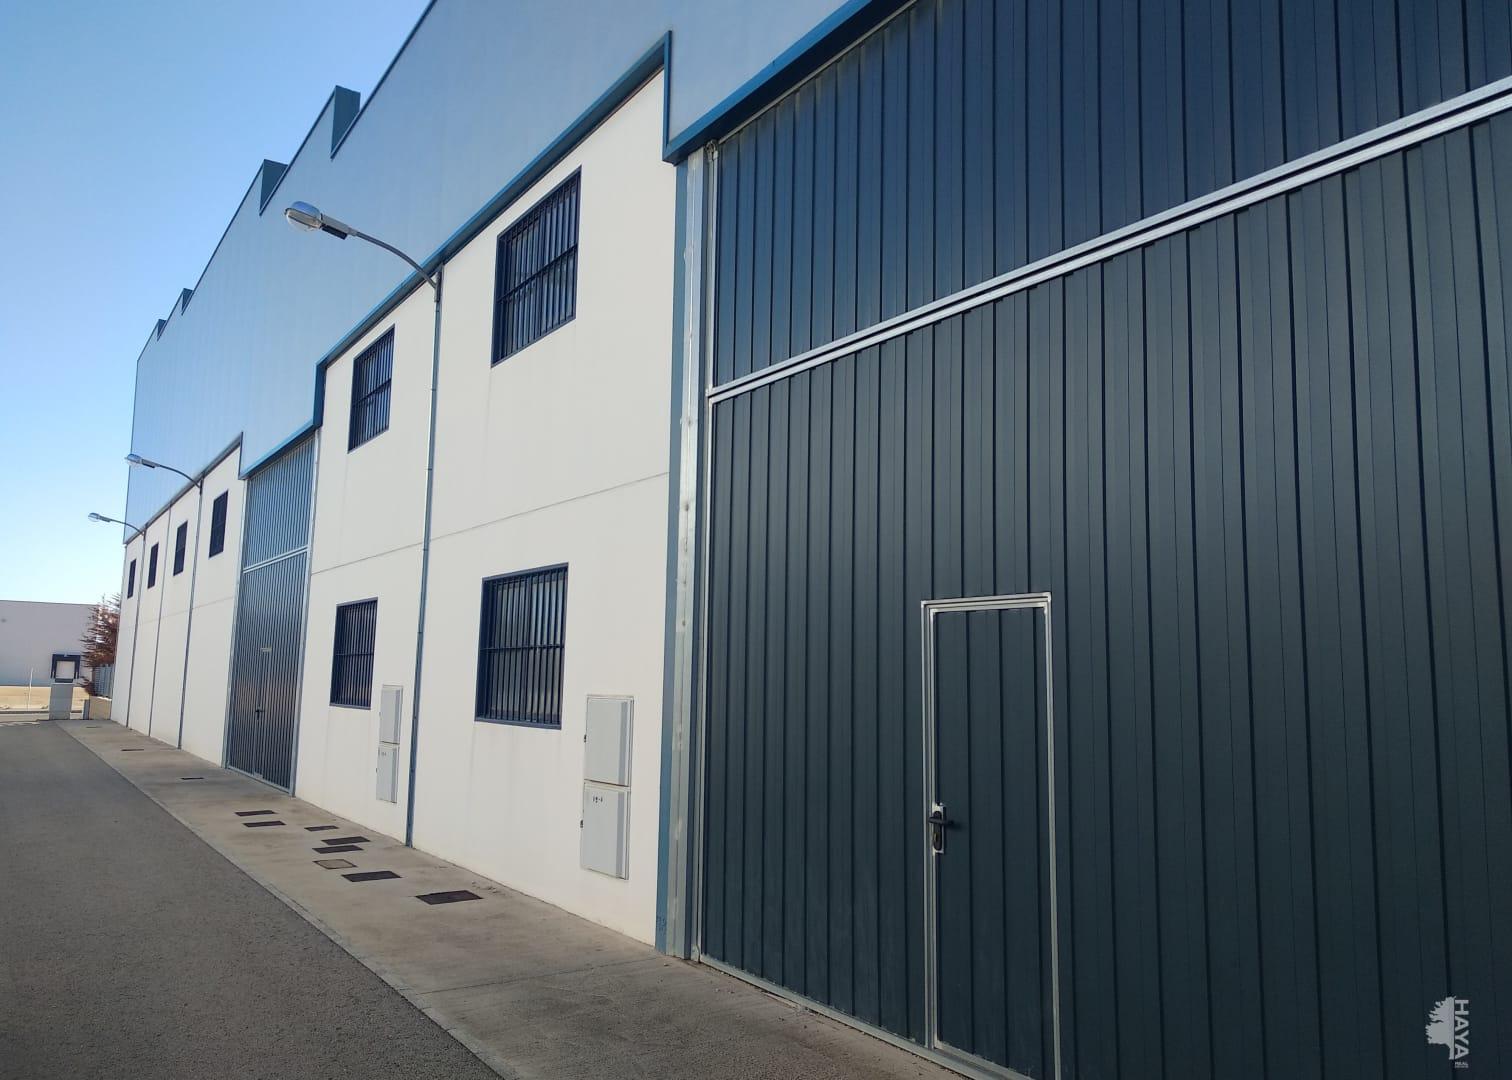 Industrial en venta en Chinchilla de Monte Aragón, Chinchilla de Monte-aragón, Albacete, Calle Caracas, 61.315 €, 225 m2